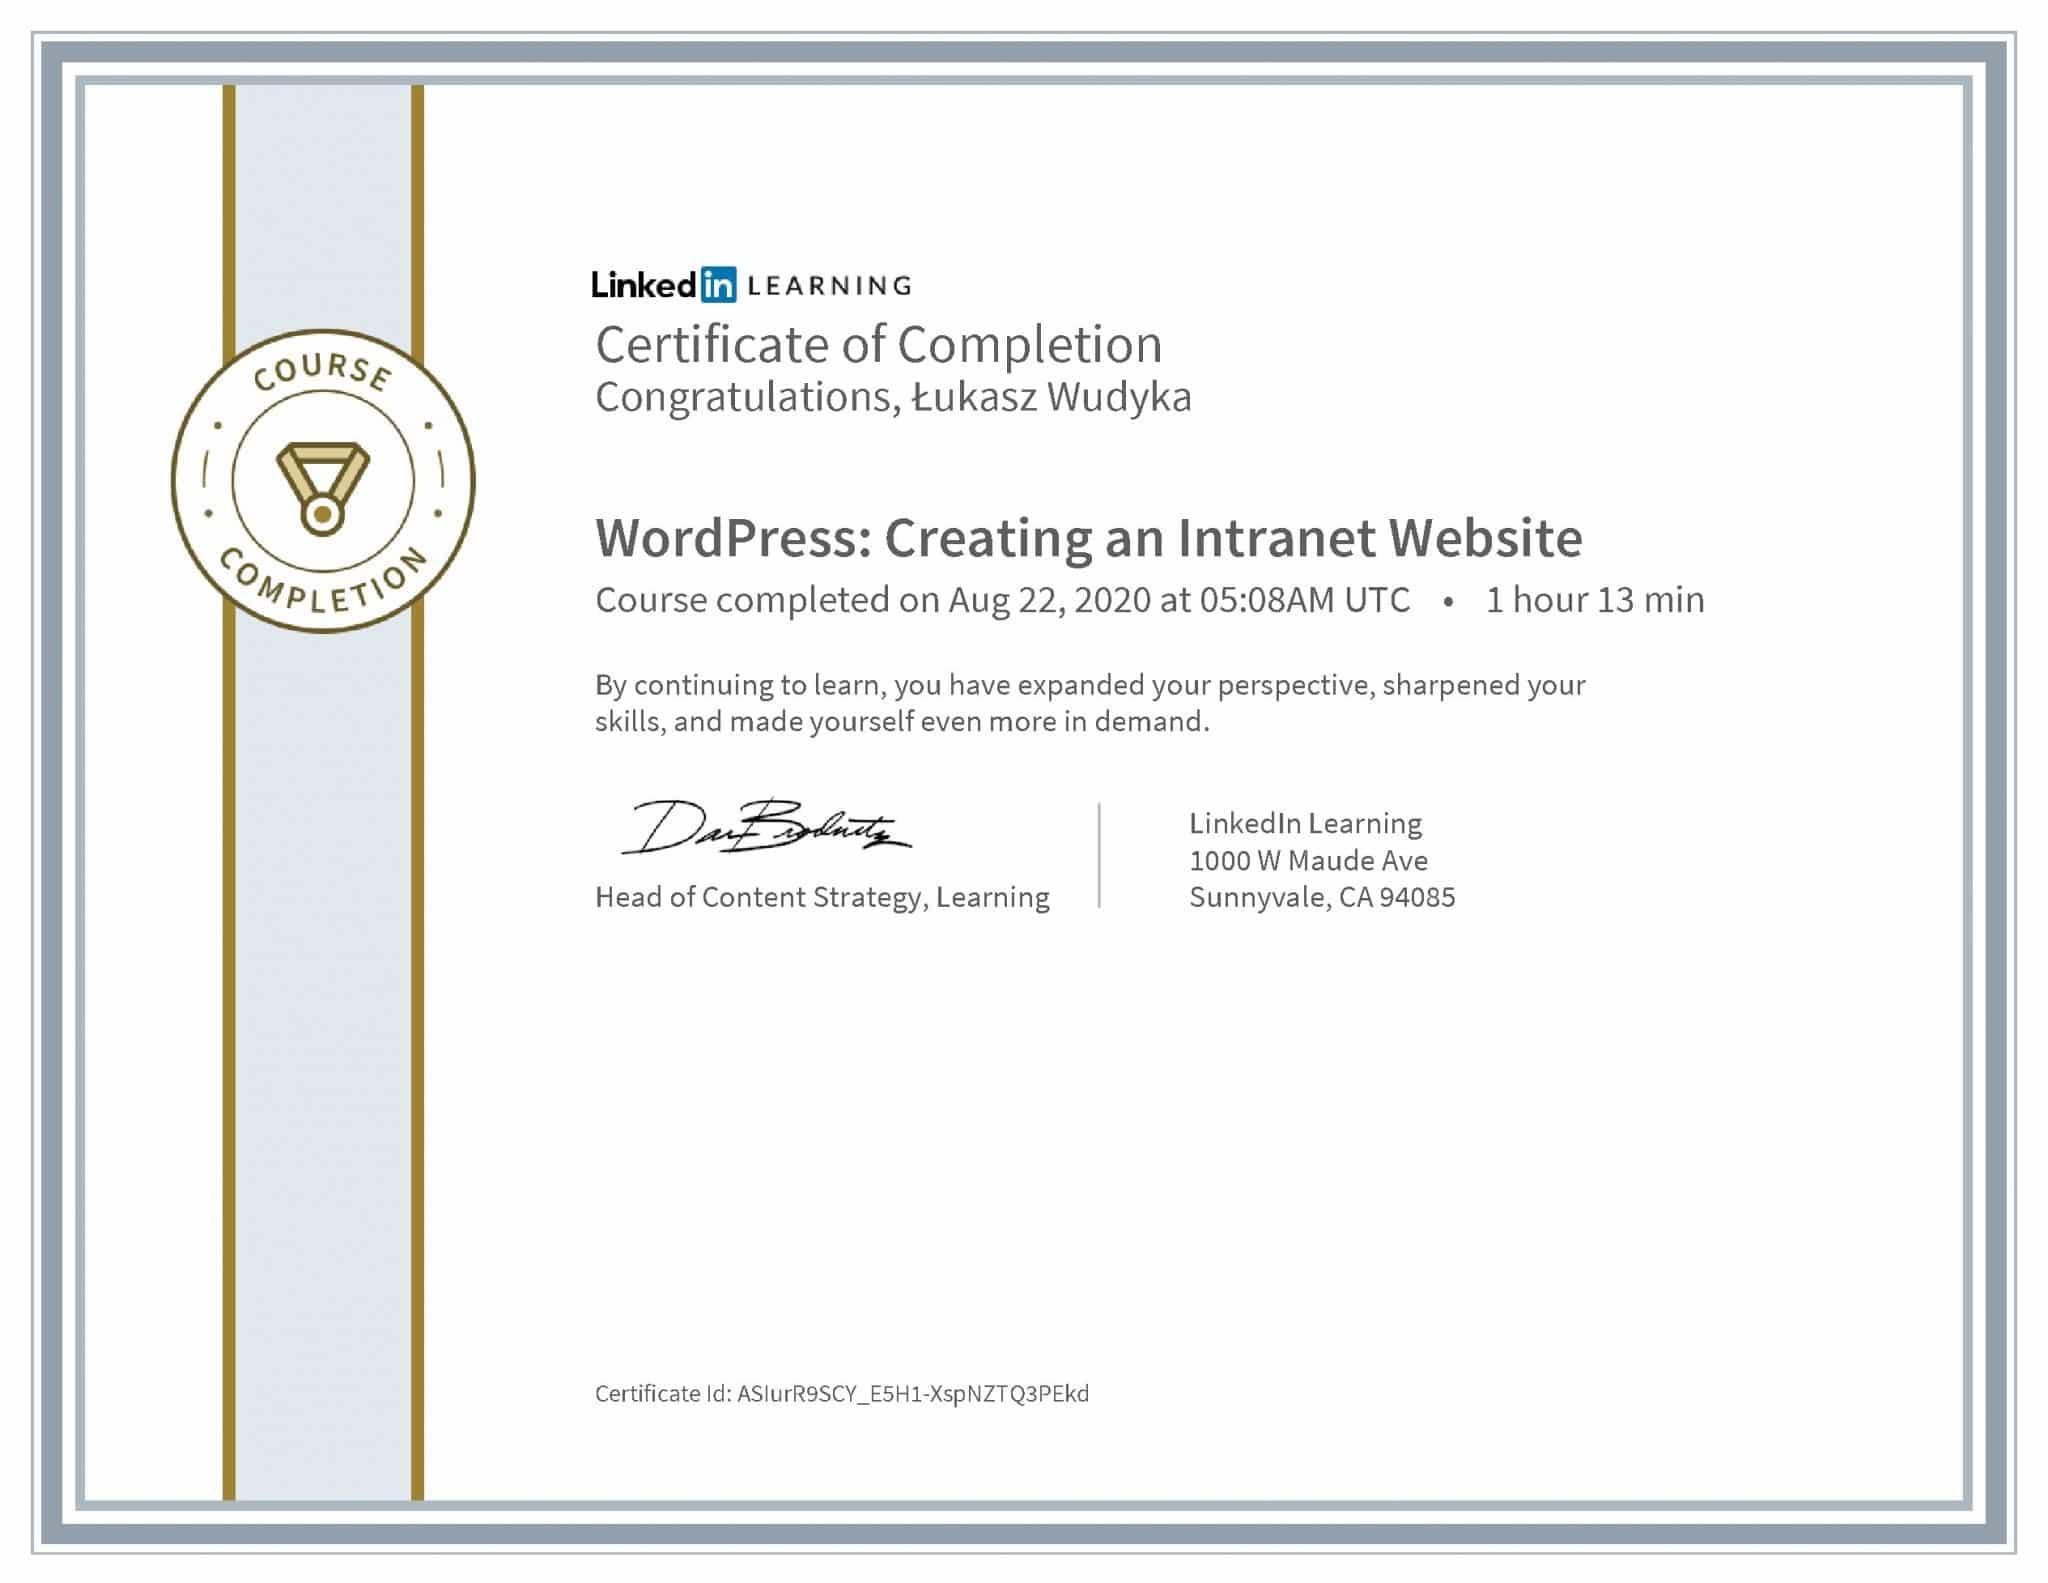 Łukasz Wudyka certyfikat LinkedIn WordPress: Creating an Intranet Website